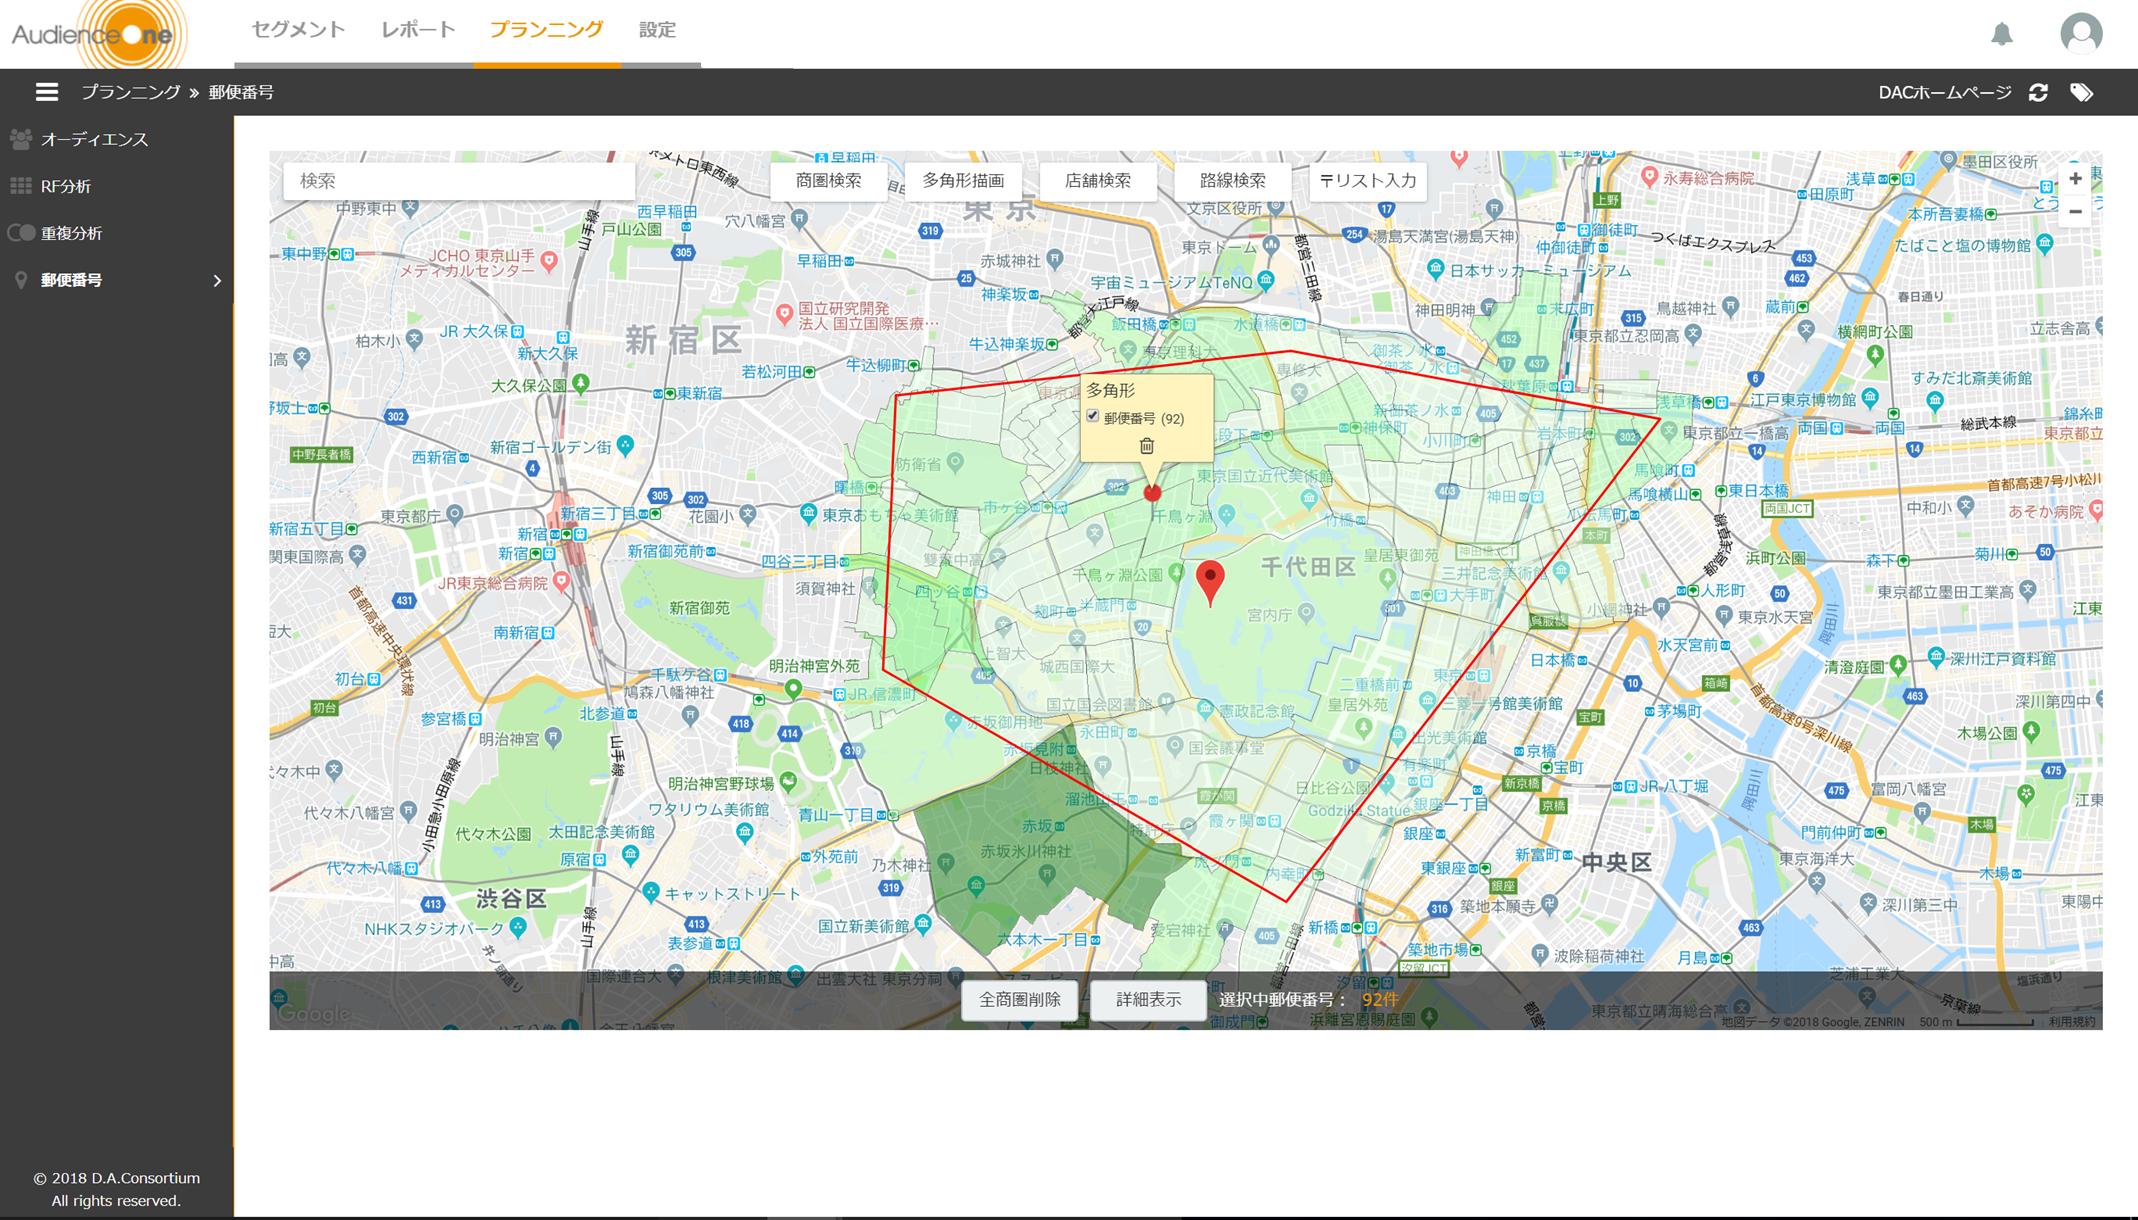 aone-location-segment-image2